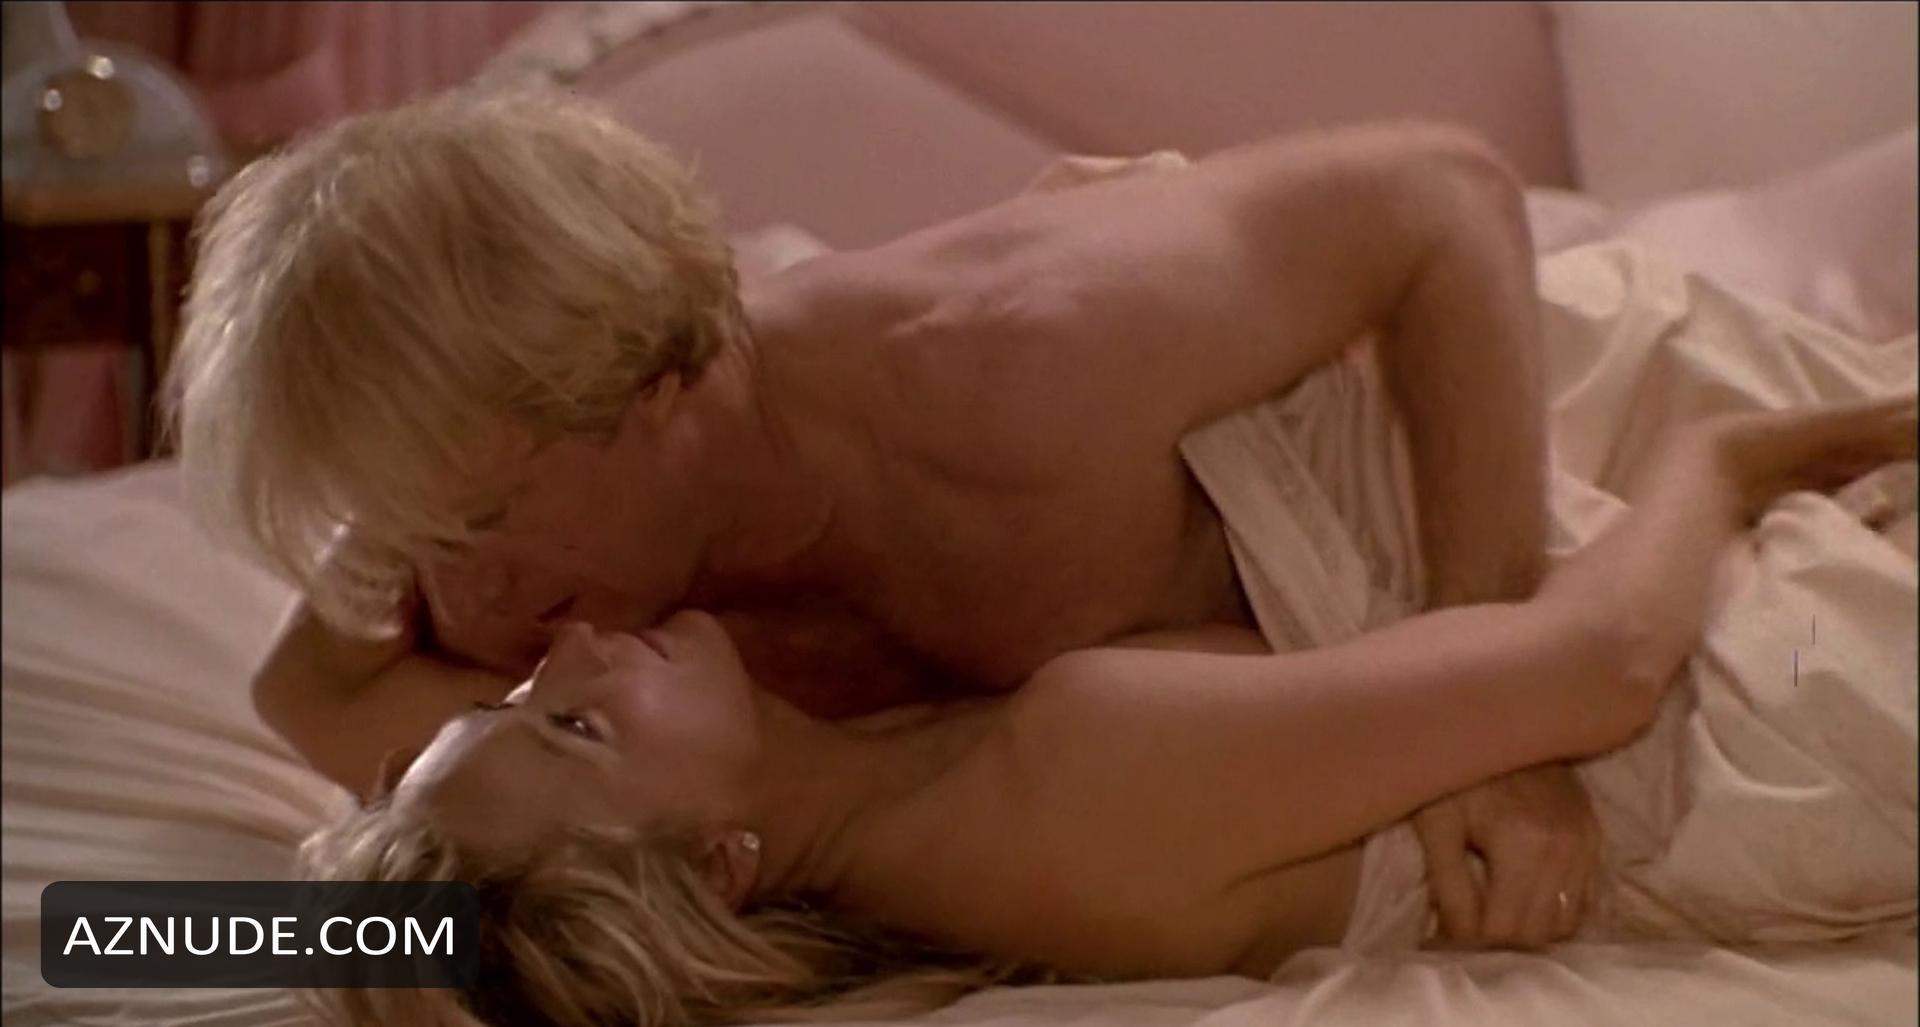 bond free julia pic porn